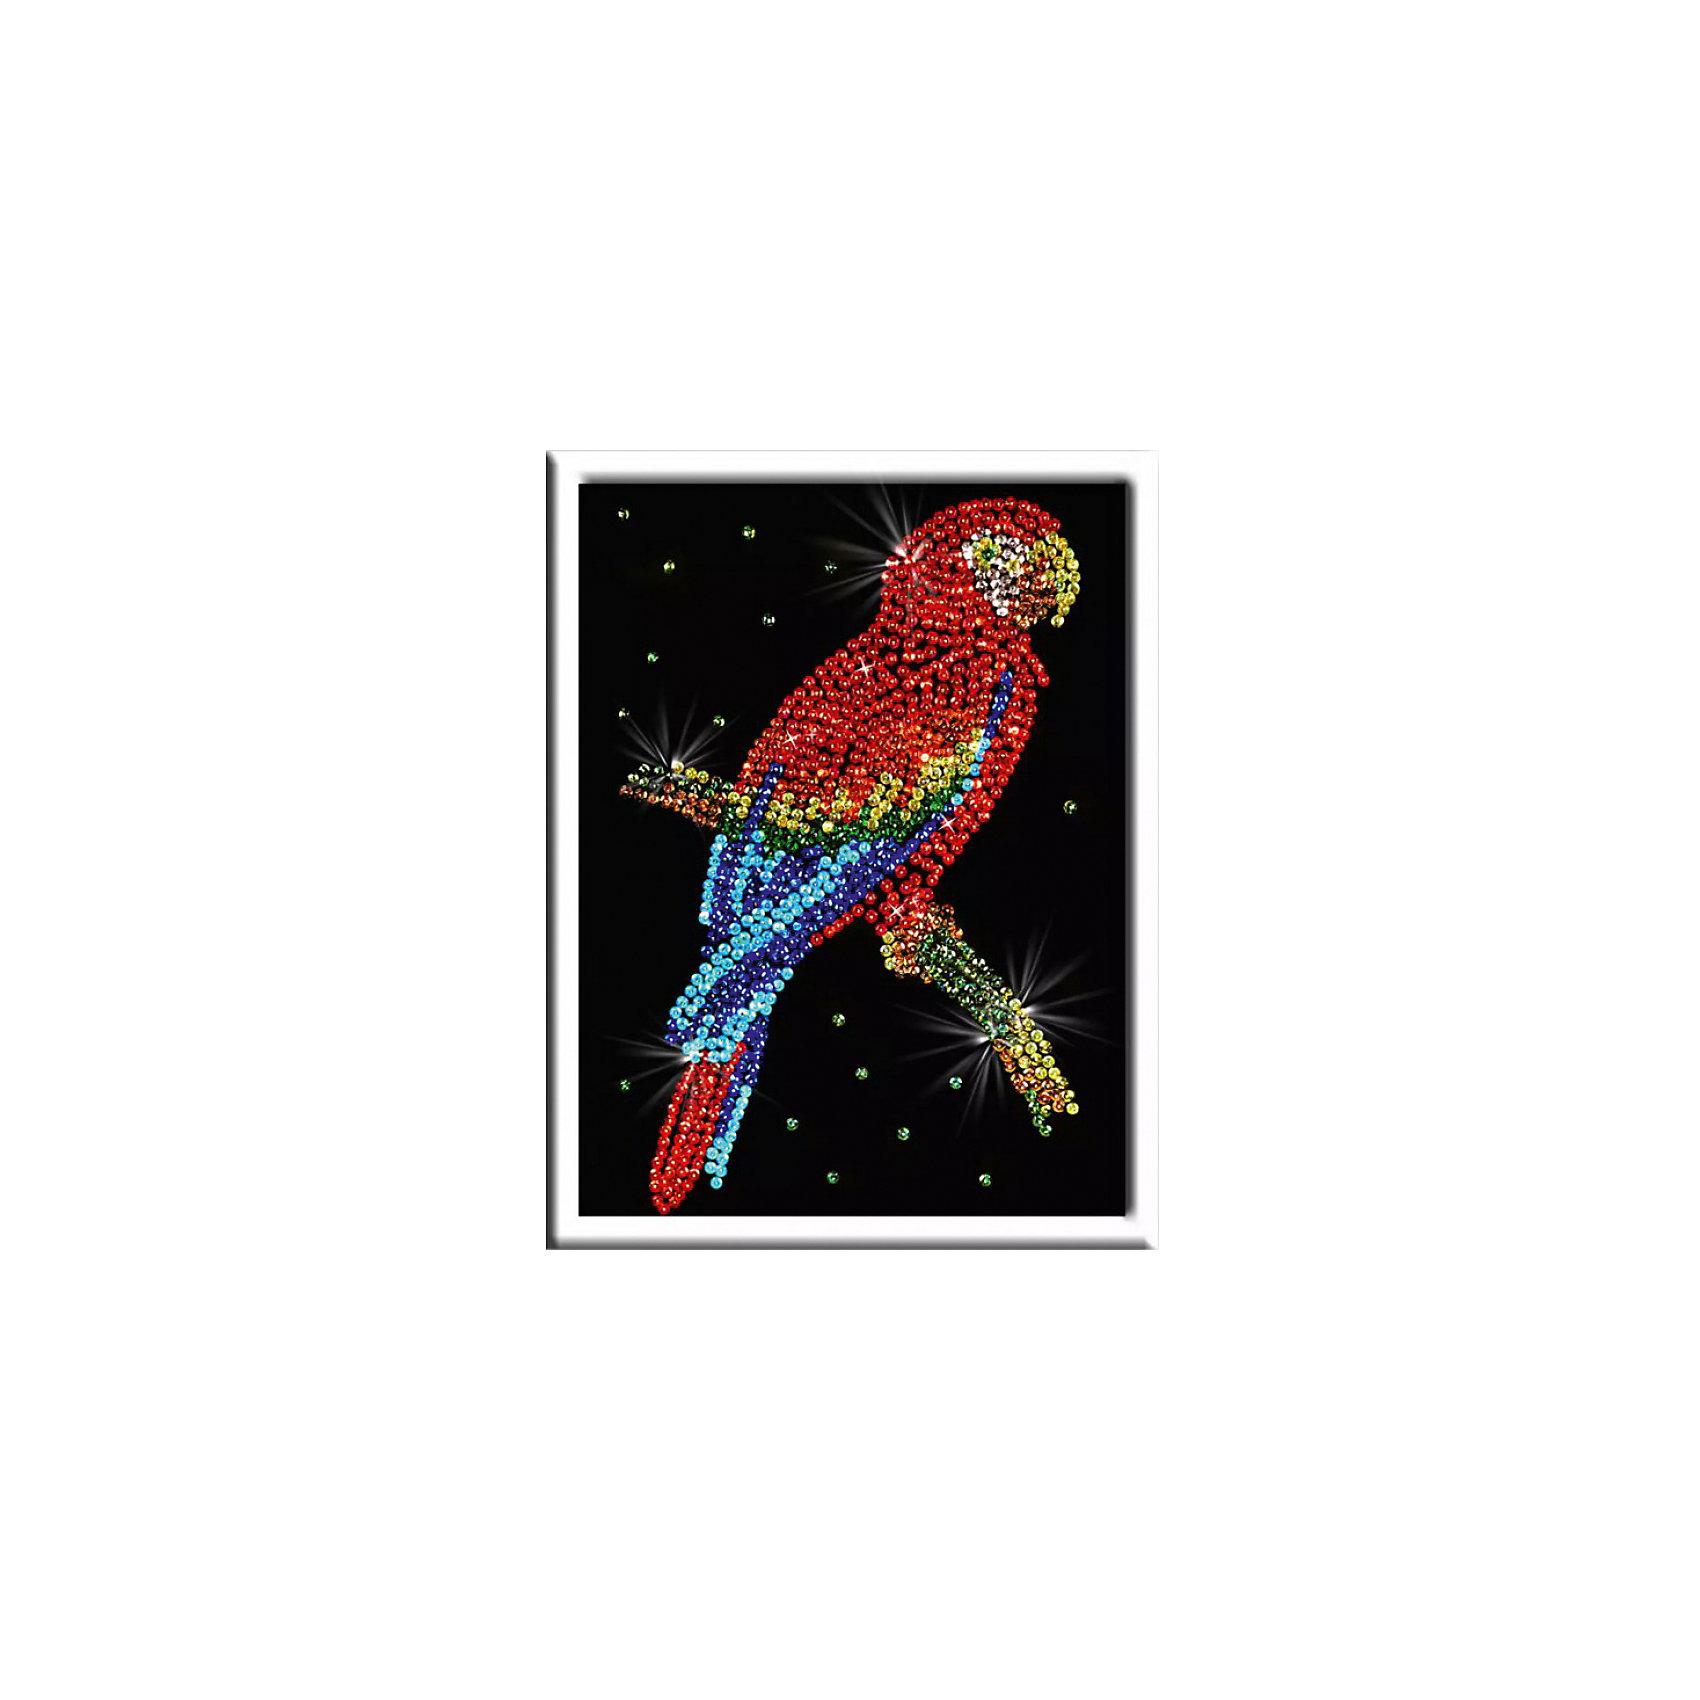 Волшебная мастерская Мозаика из пайеток Попугай какаду волшебная мастерская мозаика из пайеток попугай какаду